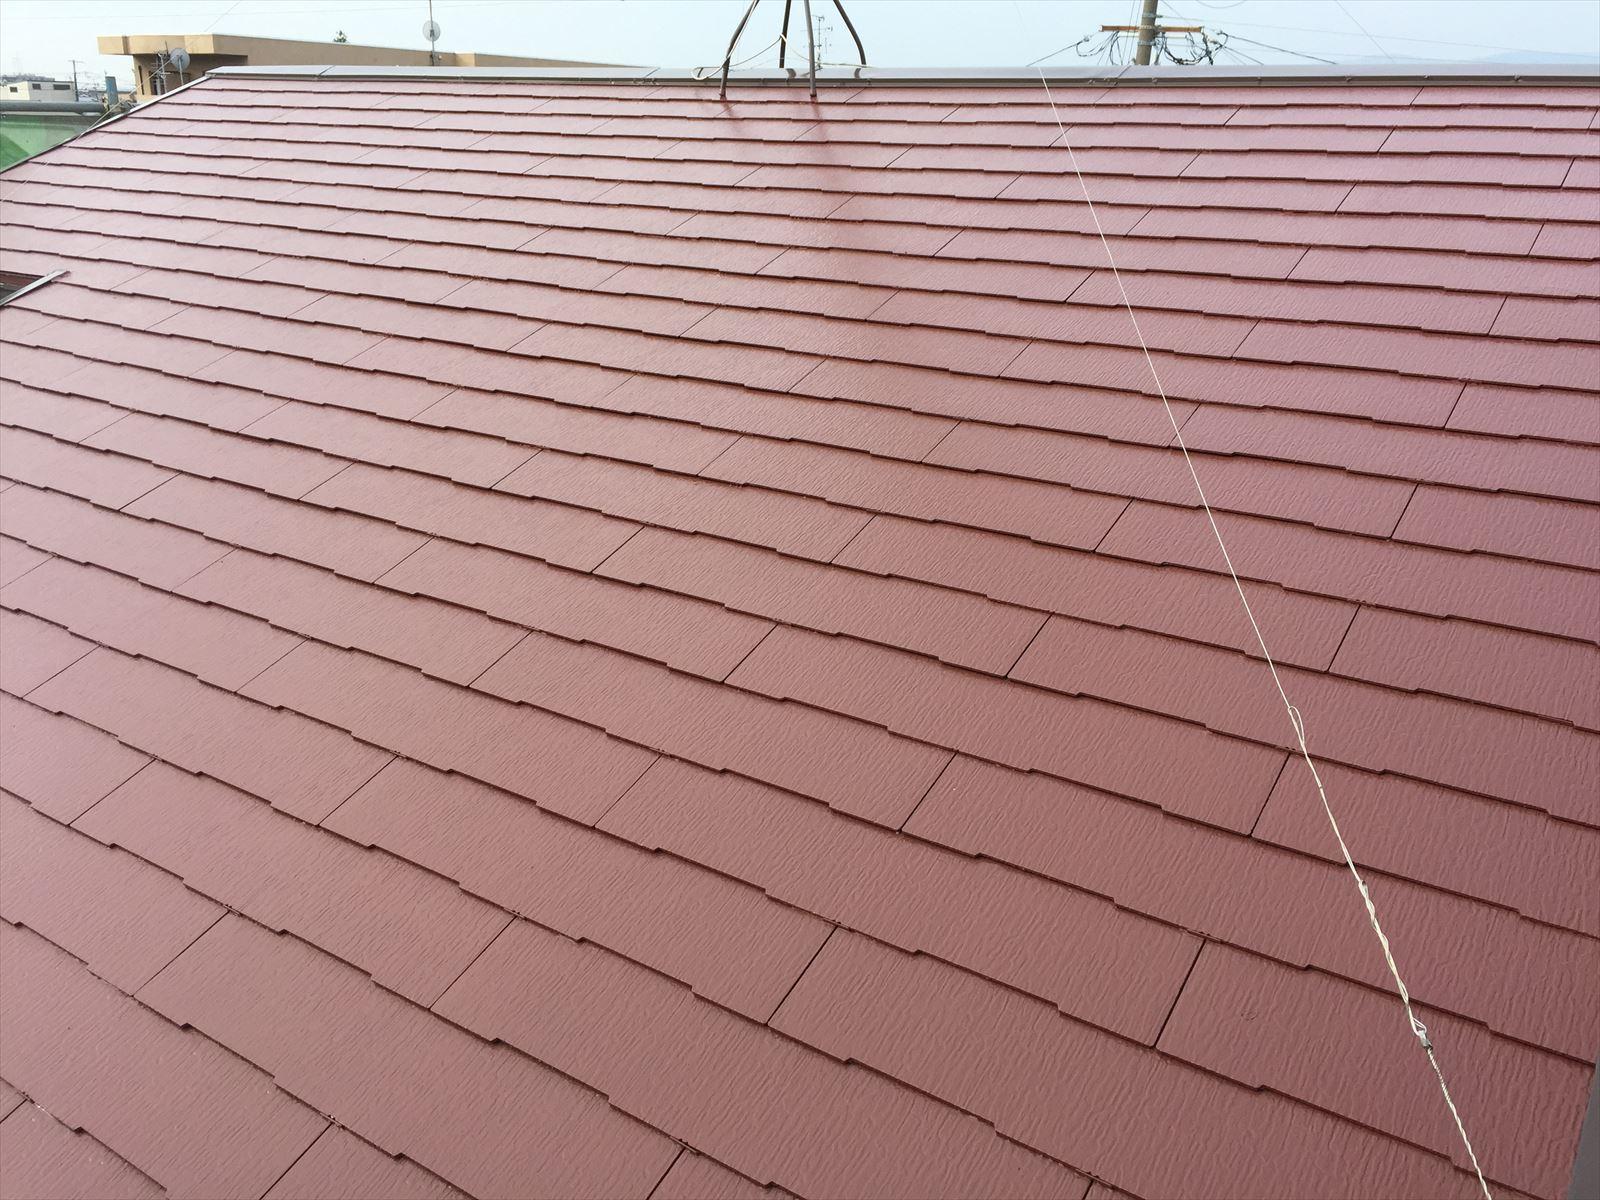 伏見区大山様邸外壁・屋根塗り替え工事の施工後写真その2